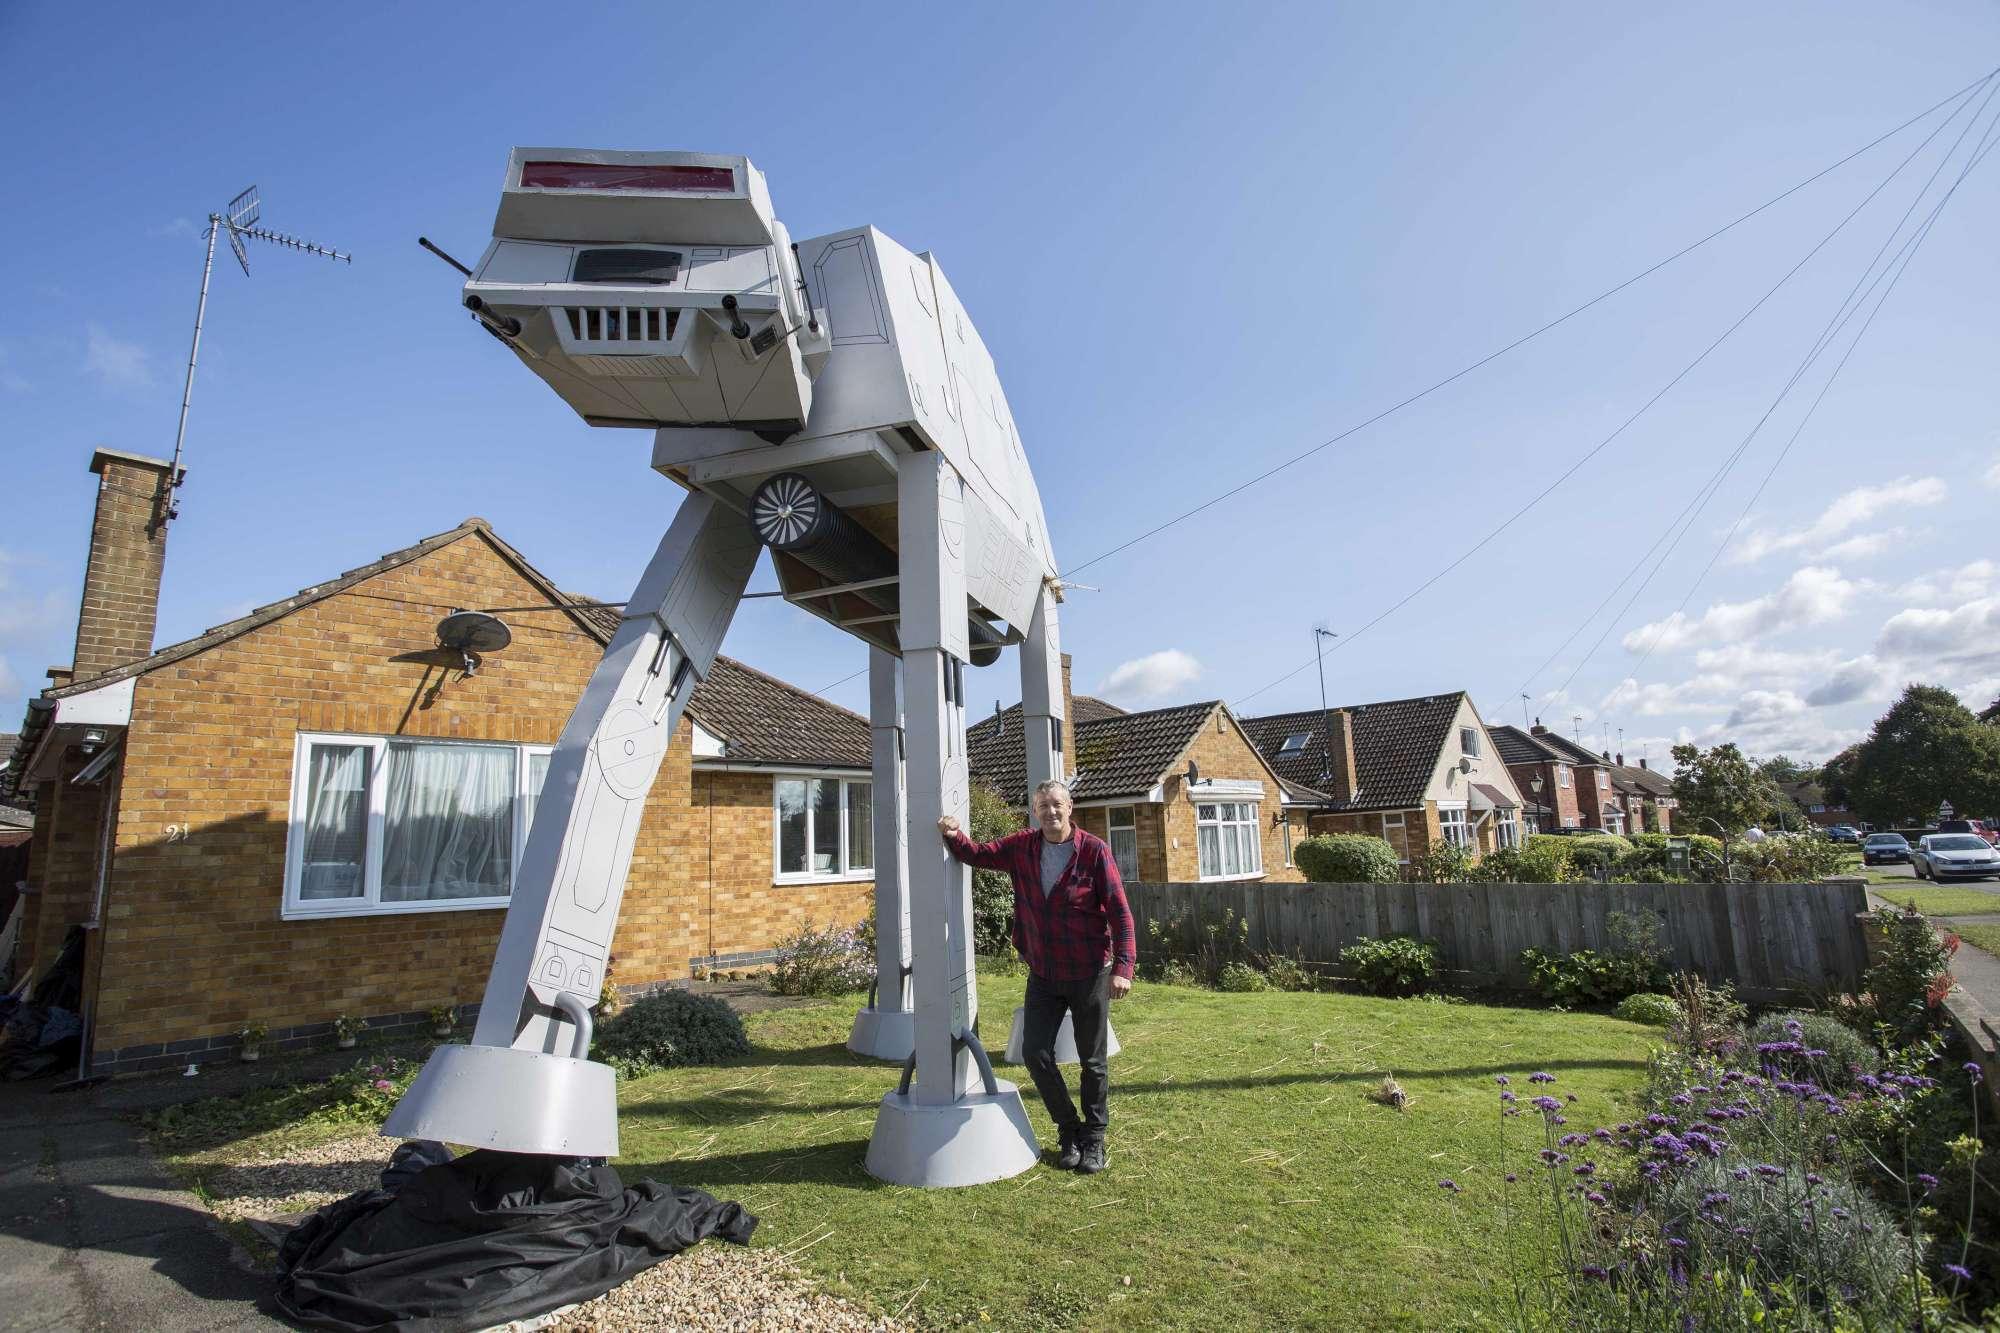 Giardino Di Una Casa star wars nel giardino di casa: ecco la mega scultura di un